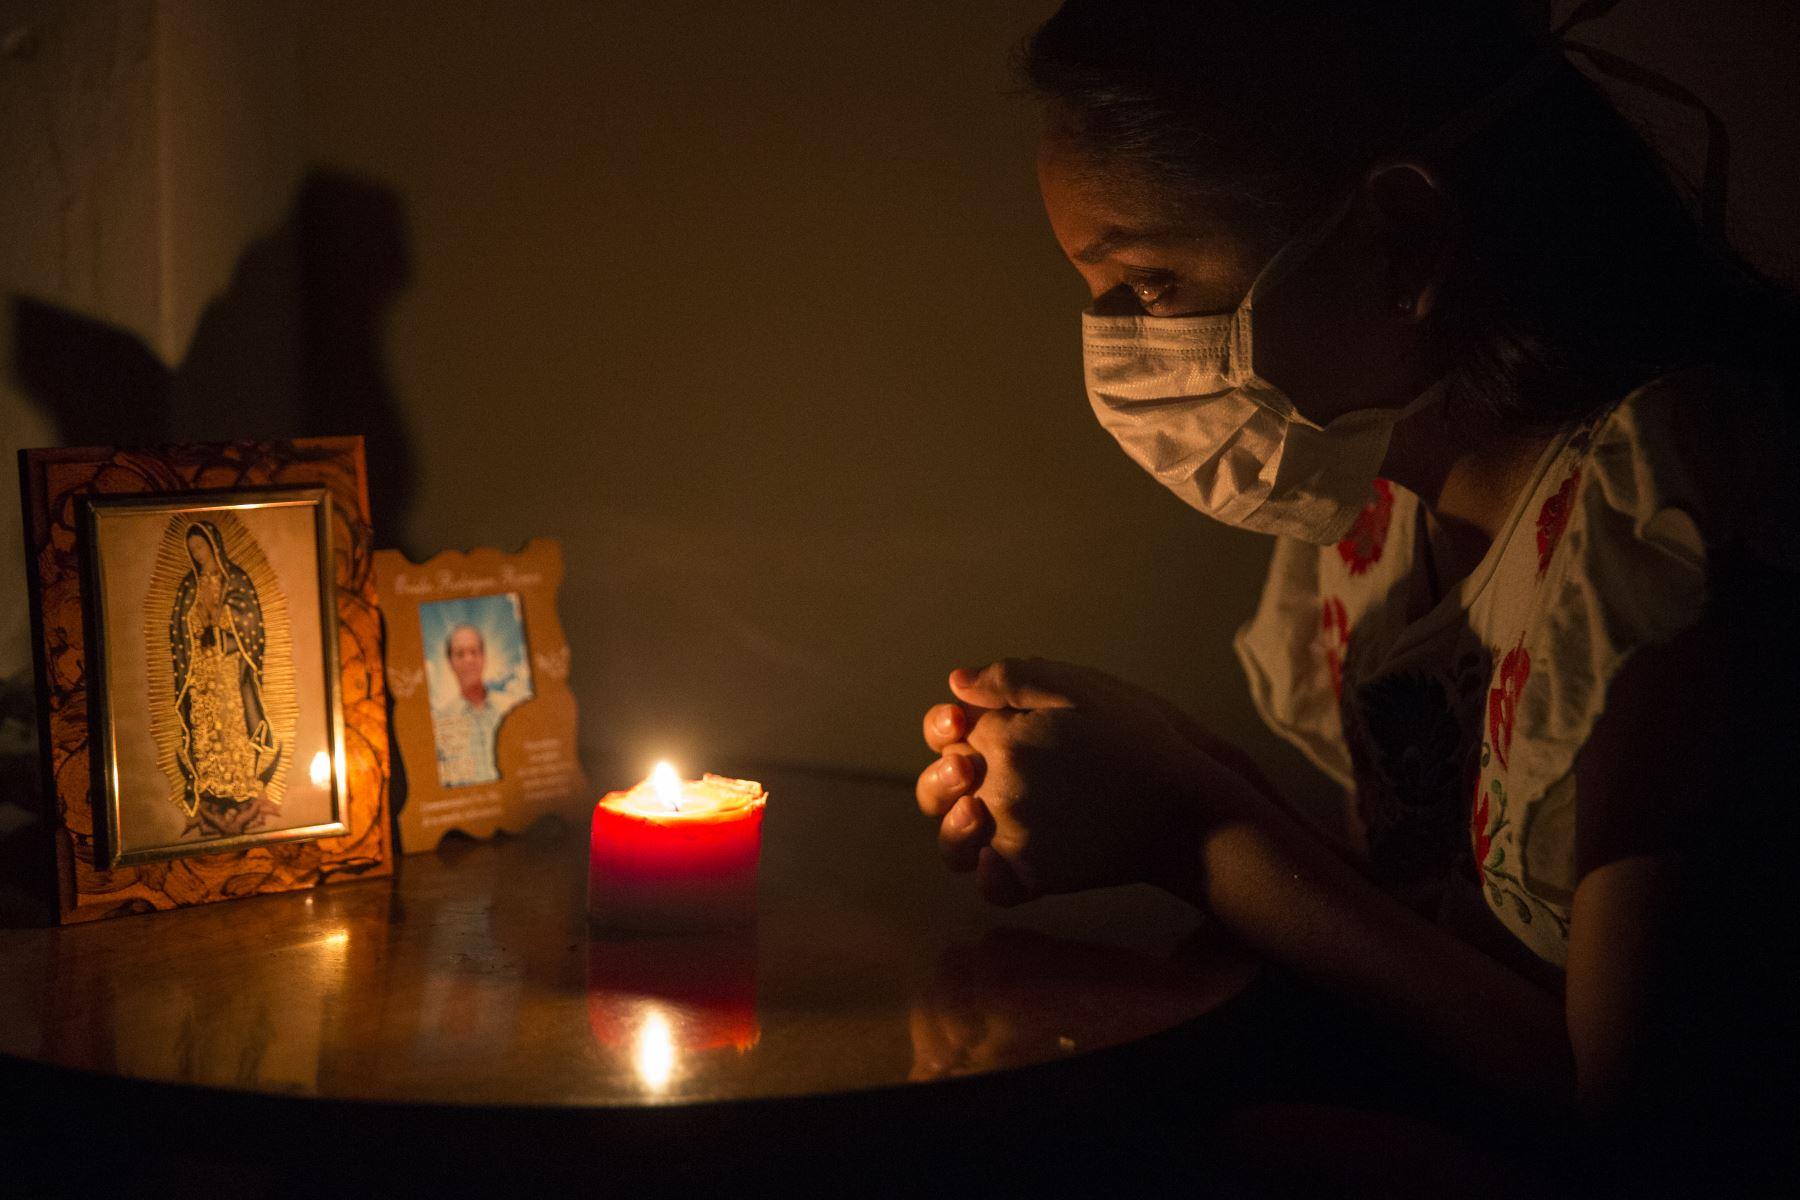 Las personas que pierden un familiar a causa del coronavirus COVID-19 tienen dificultades para velarlos y brindarles cristiana sepultura porqué por protocolos de bioseguridad del Estado el cuerpo debe ser cremado. Foto: ANDINA/Jhonel Rodríguez Robles